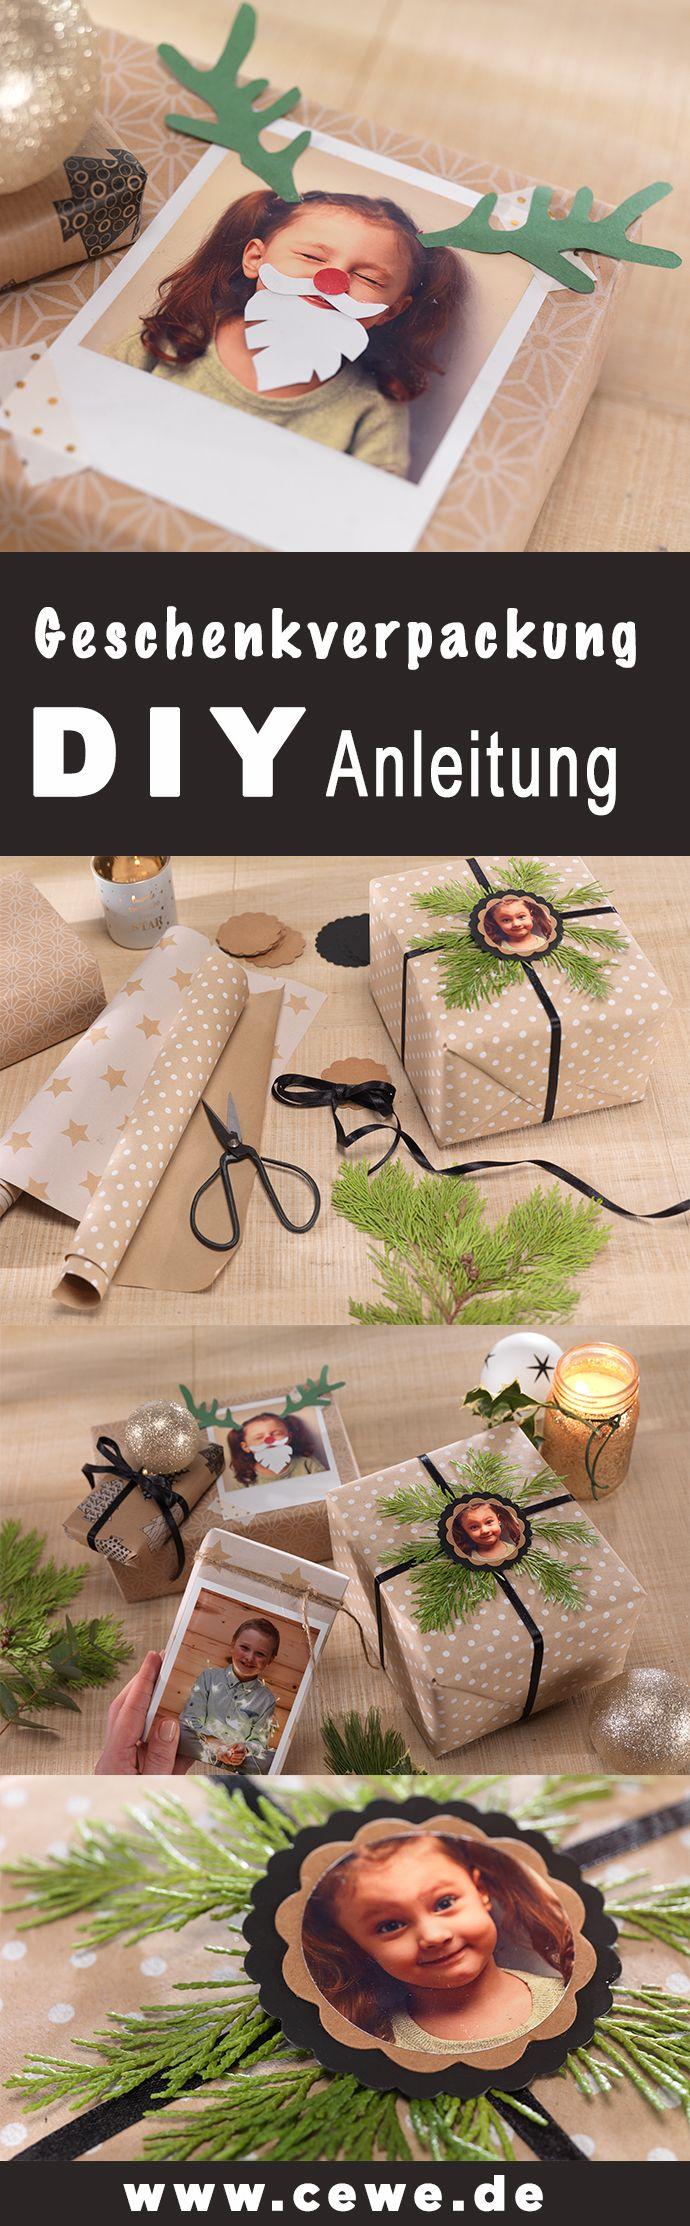 Geschenkverpackung für Weihnachten: Schöner als jede Schleife #Beleuchtung #Dekoration #Weihnachten #Wohnen #Gemütlich #Winterdeko #Weihnachtsbaum #LED #DIY #Tutorial #weihnachtenbasteln #weihnachtengeschenke #weihnachtendekoration #weihnachtenbilder #weihnachtenkreativ #weihnachtendeko #Geschenkidee #verschenken #beschenken  #nachttisch #fotos #fotoprodukte #fotoabzüge #poster #schenken #geschenkverpackung